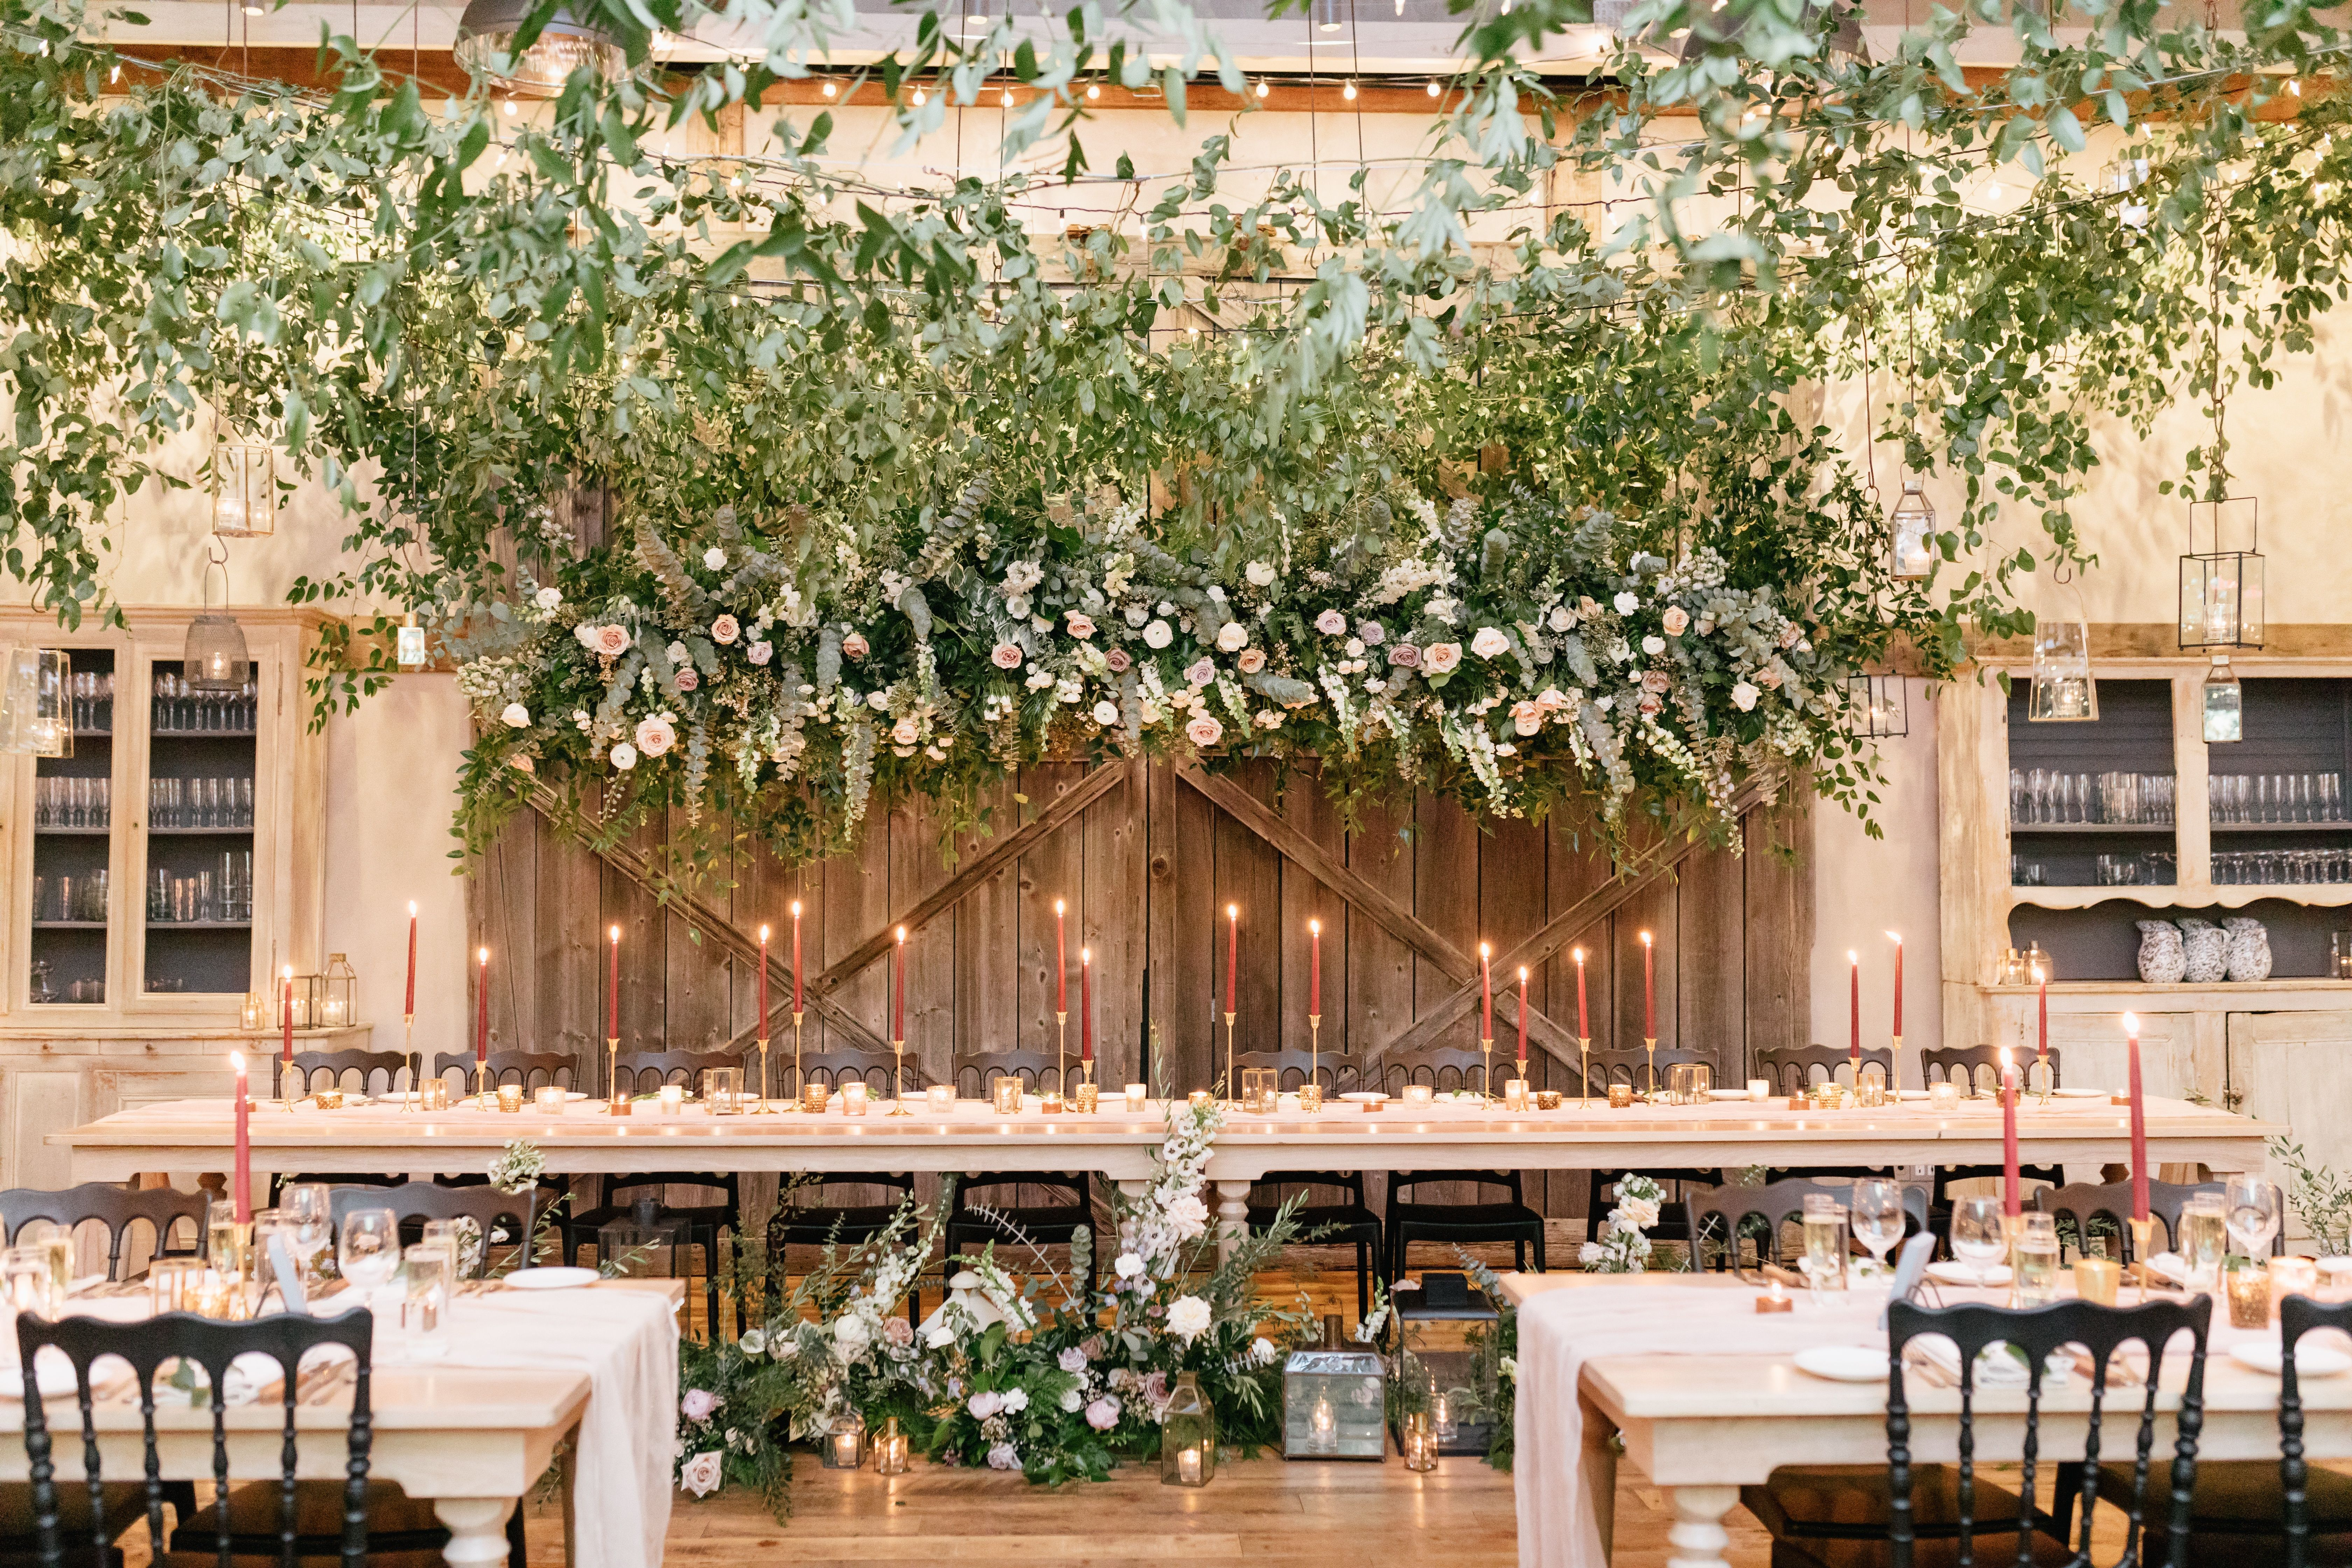 Best Wedding Venues In Philadelphia Area In 2020 Outdoor Wedding Venues Philadelphia Wedding Wedding Venues